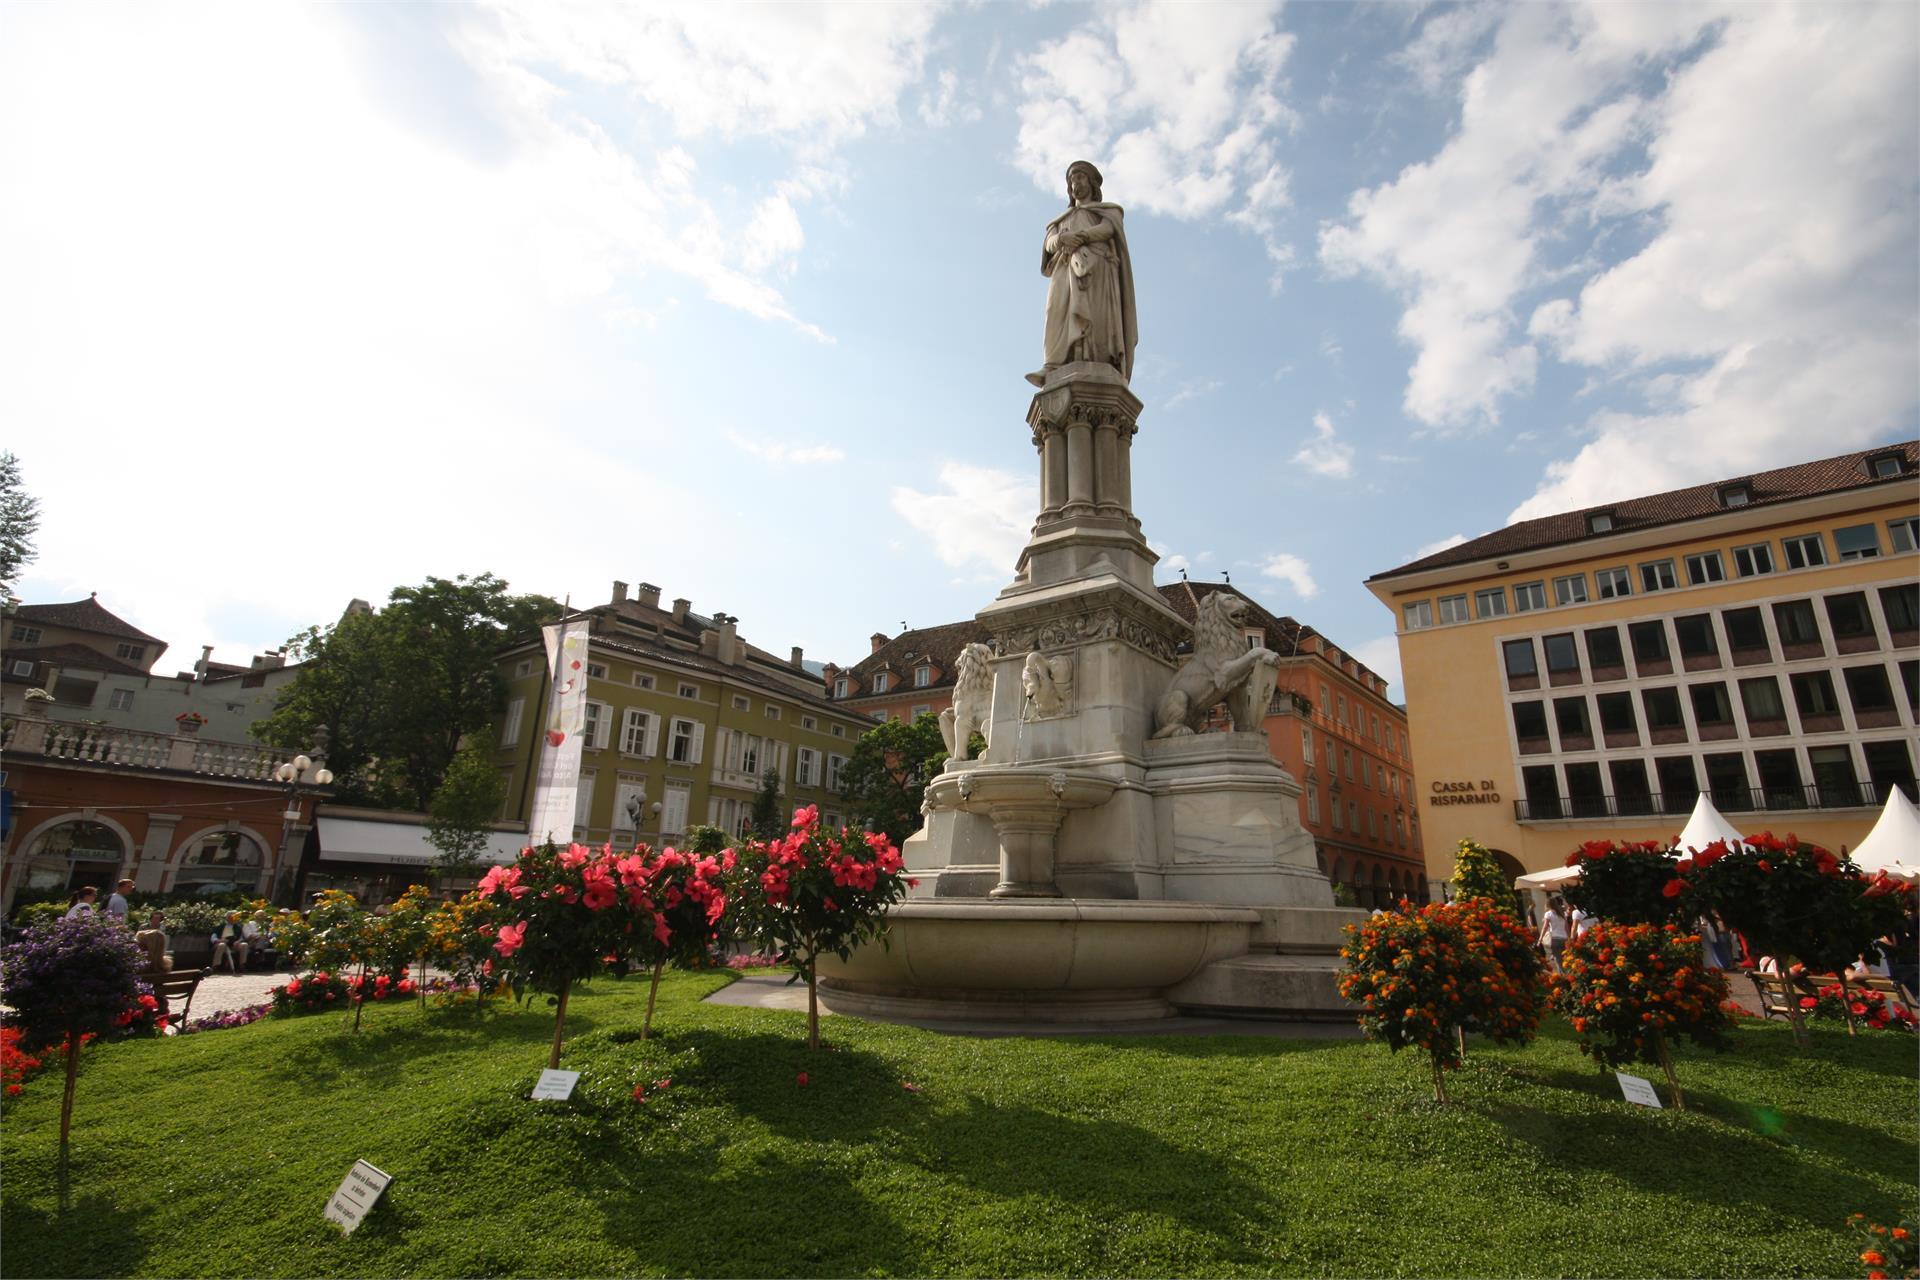 Monumento Walther von der Vogelweide